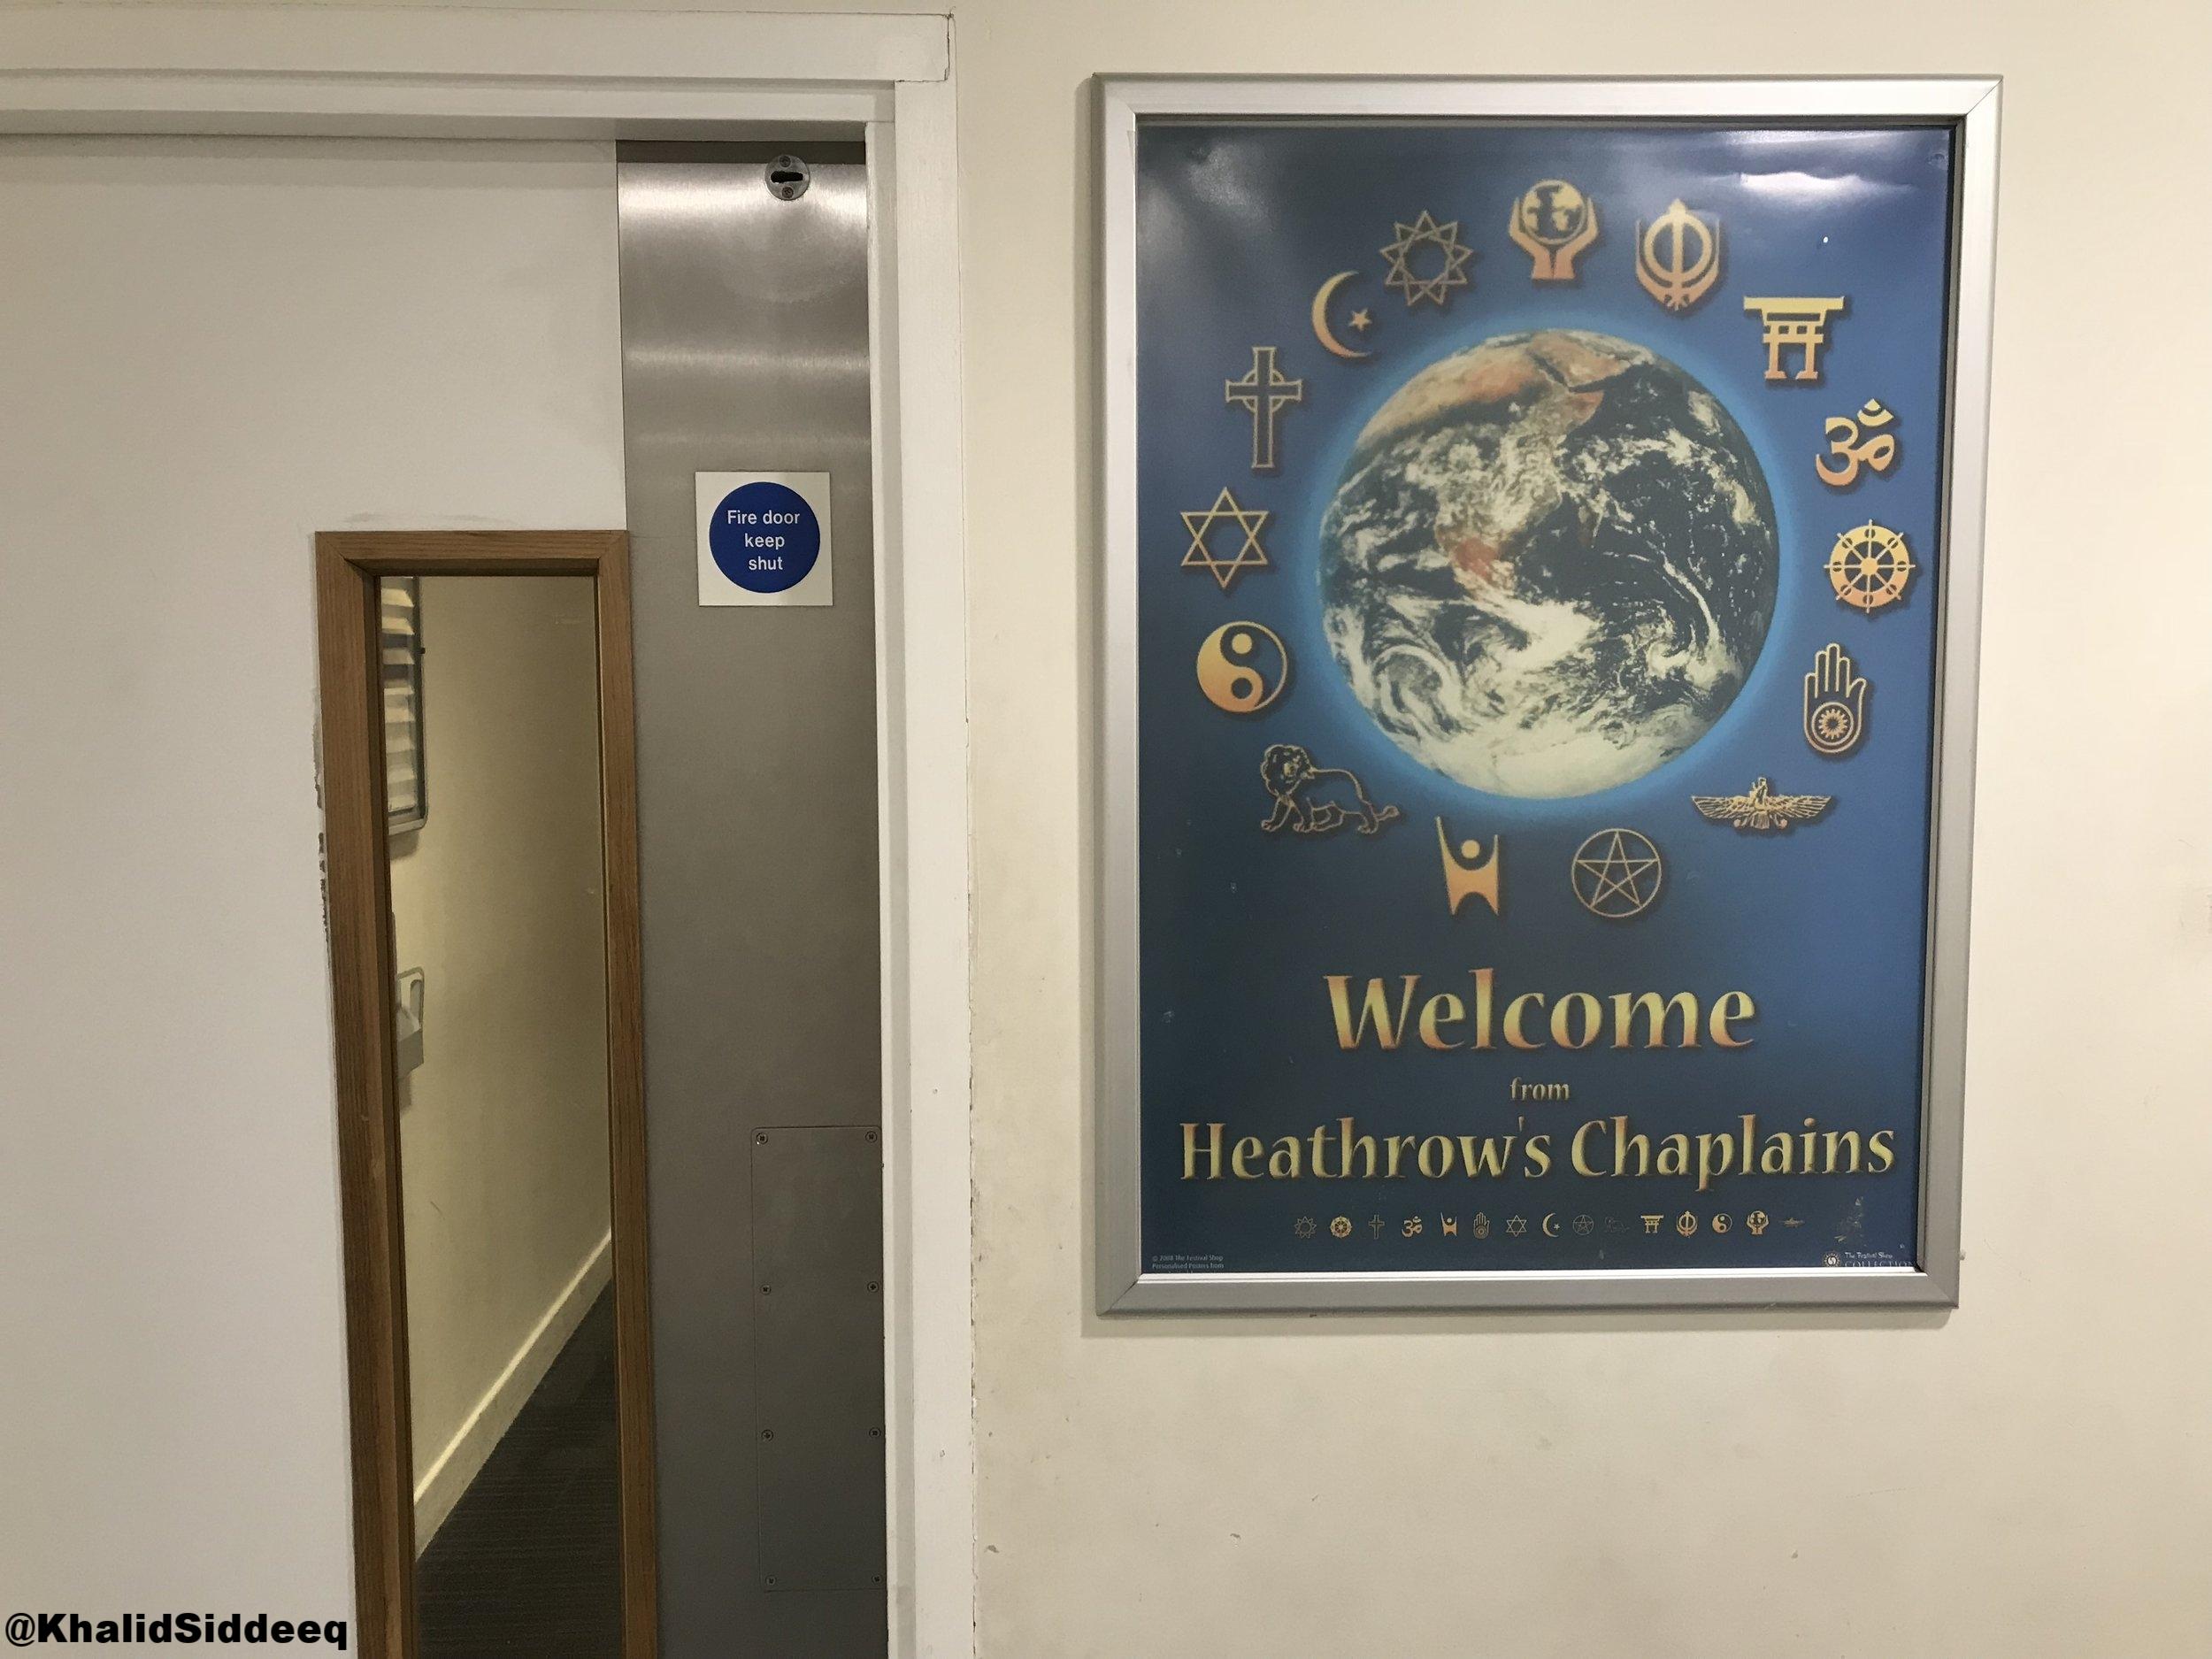 غرفة صلاة لجميع الأديان السماوية